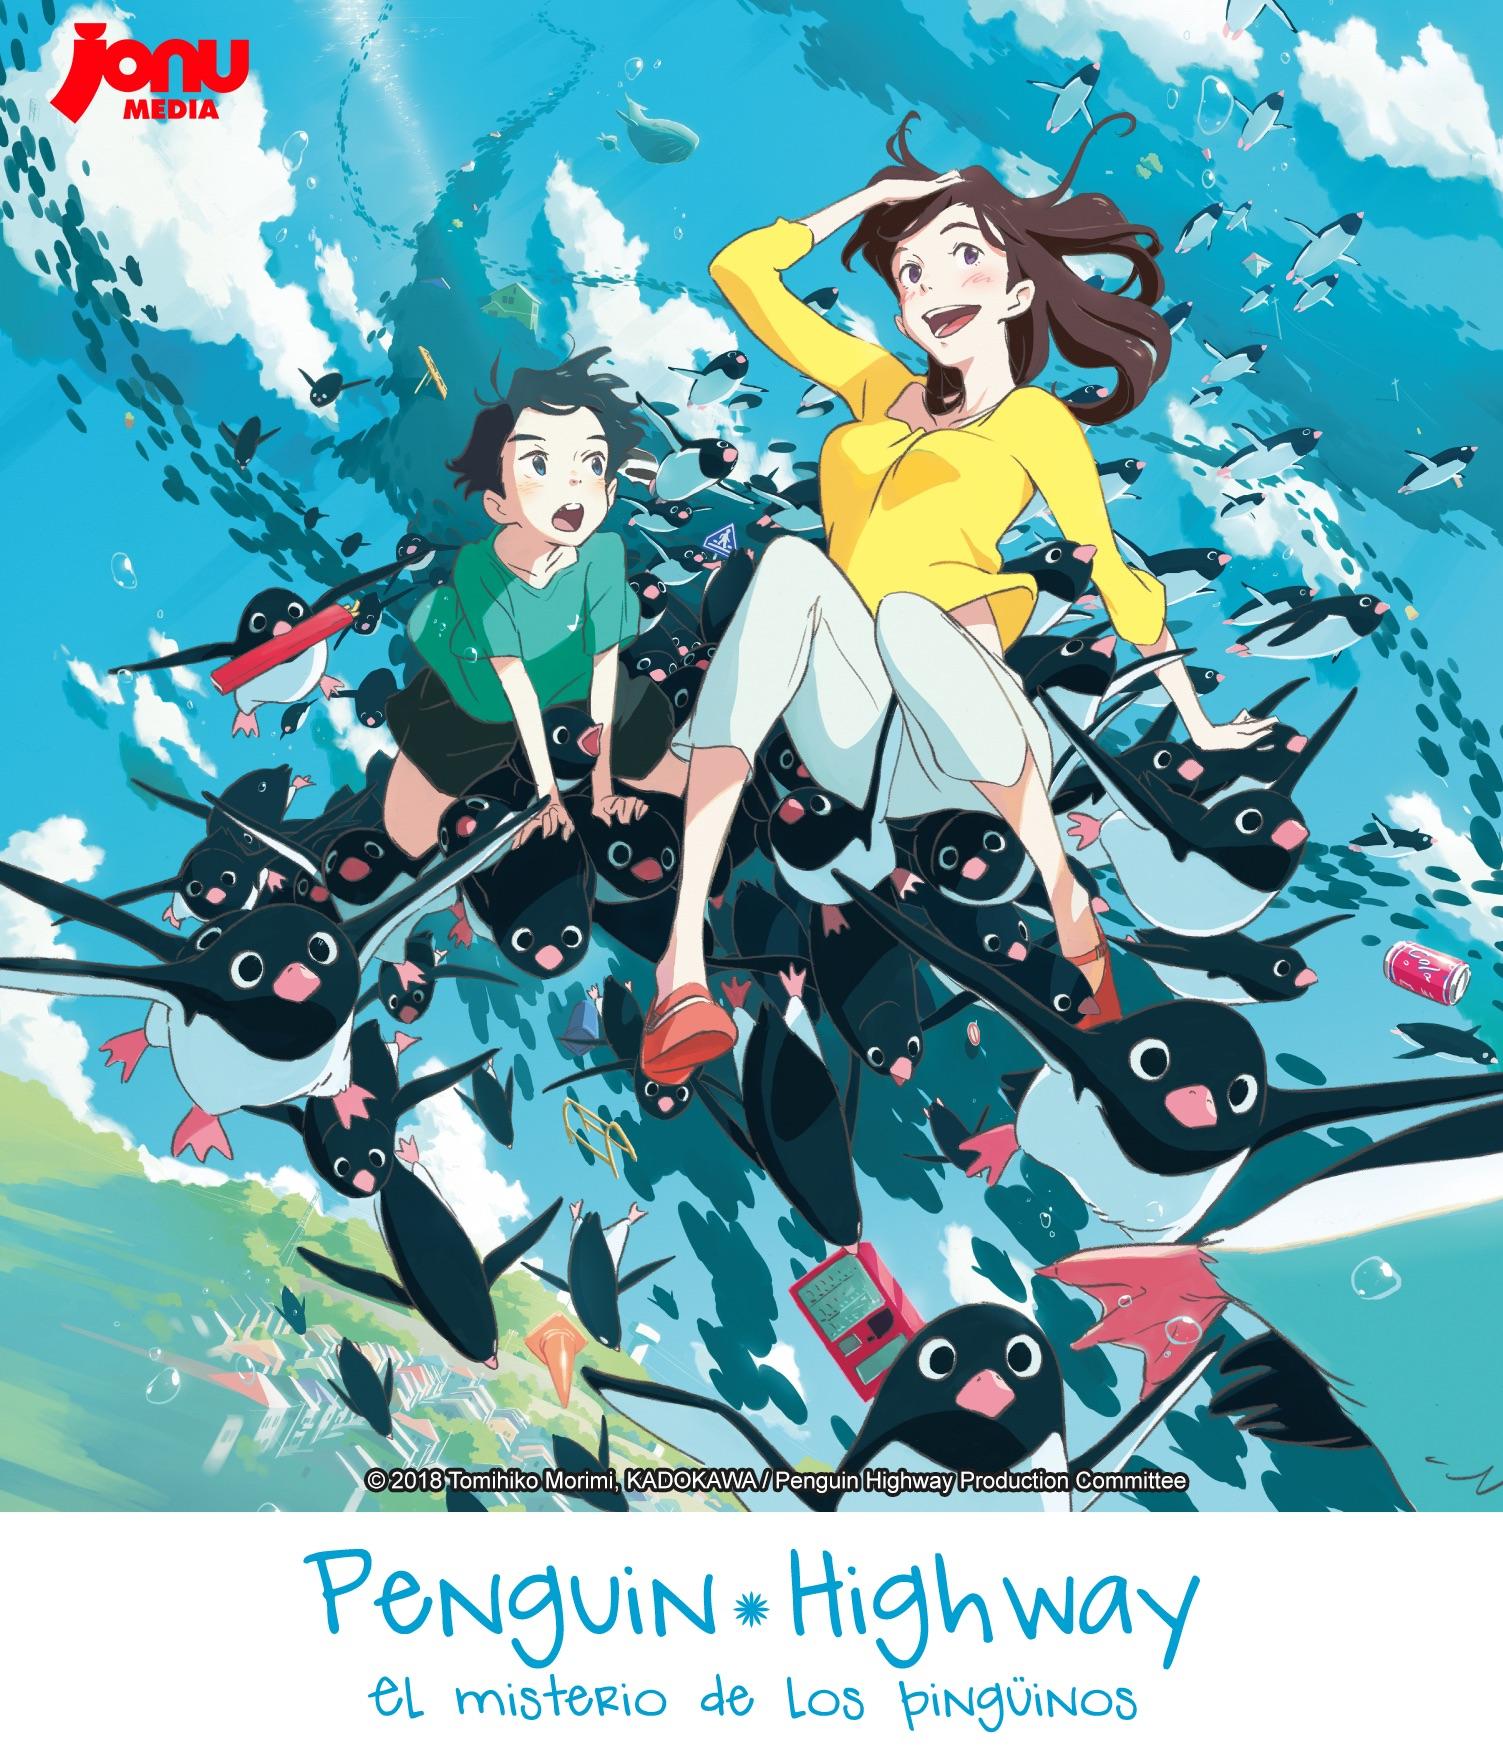 PENGUIN-HIGHWAY-JONU-JPG.jpg